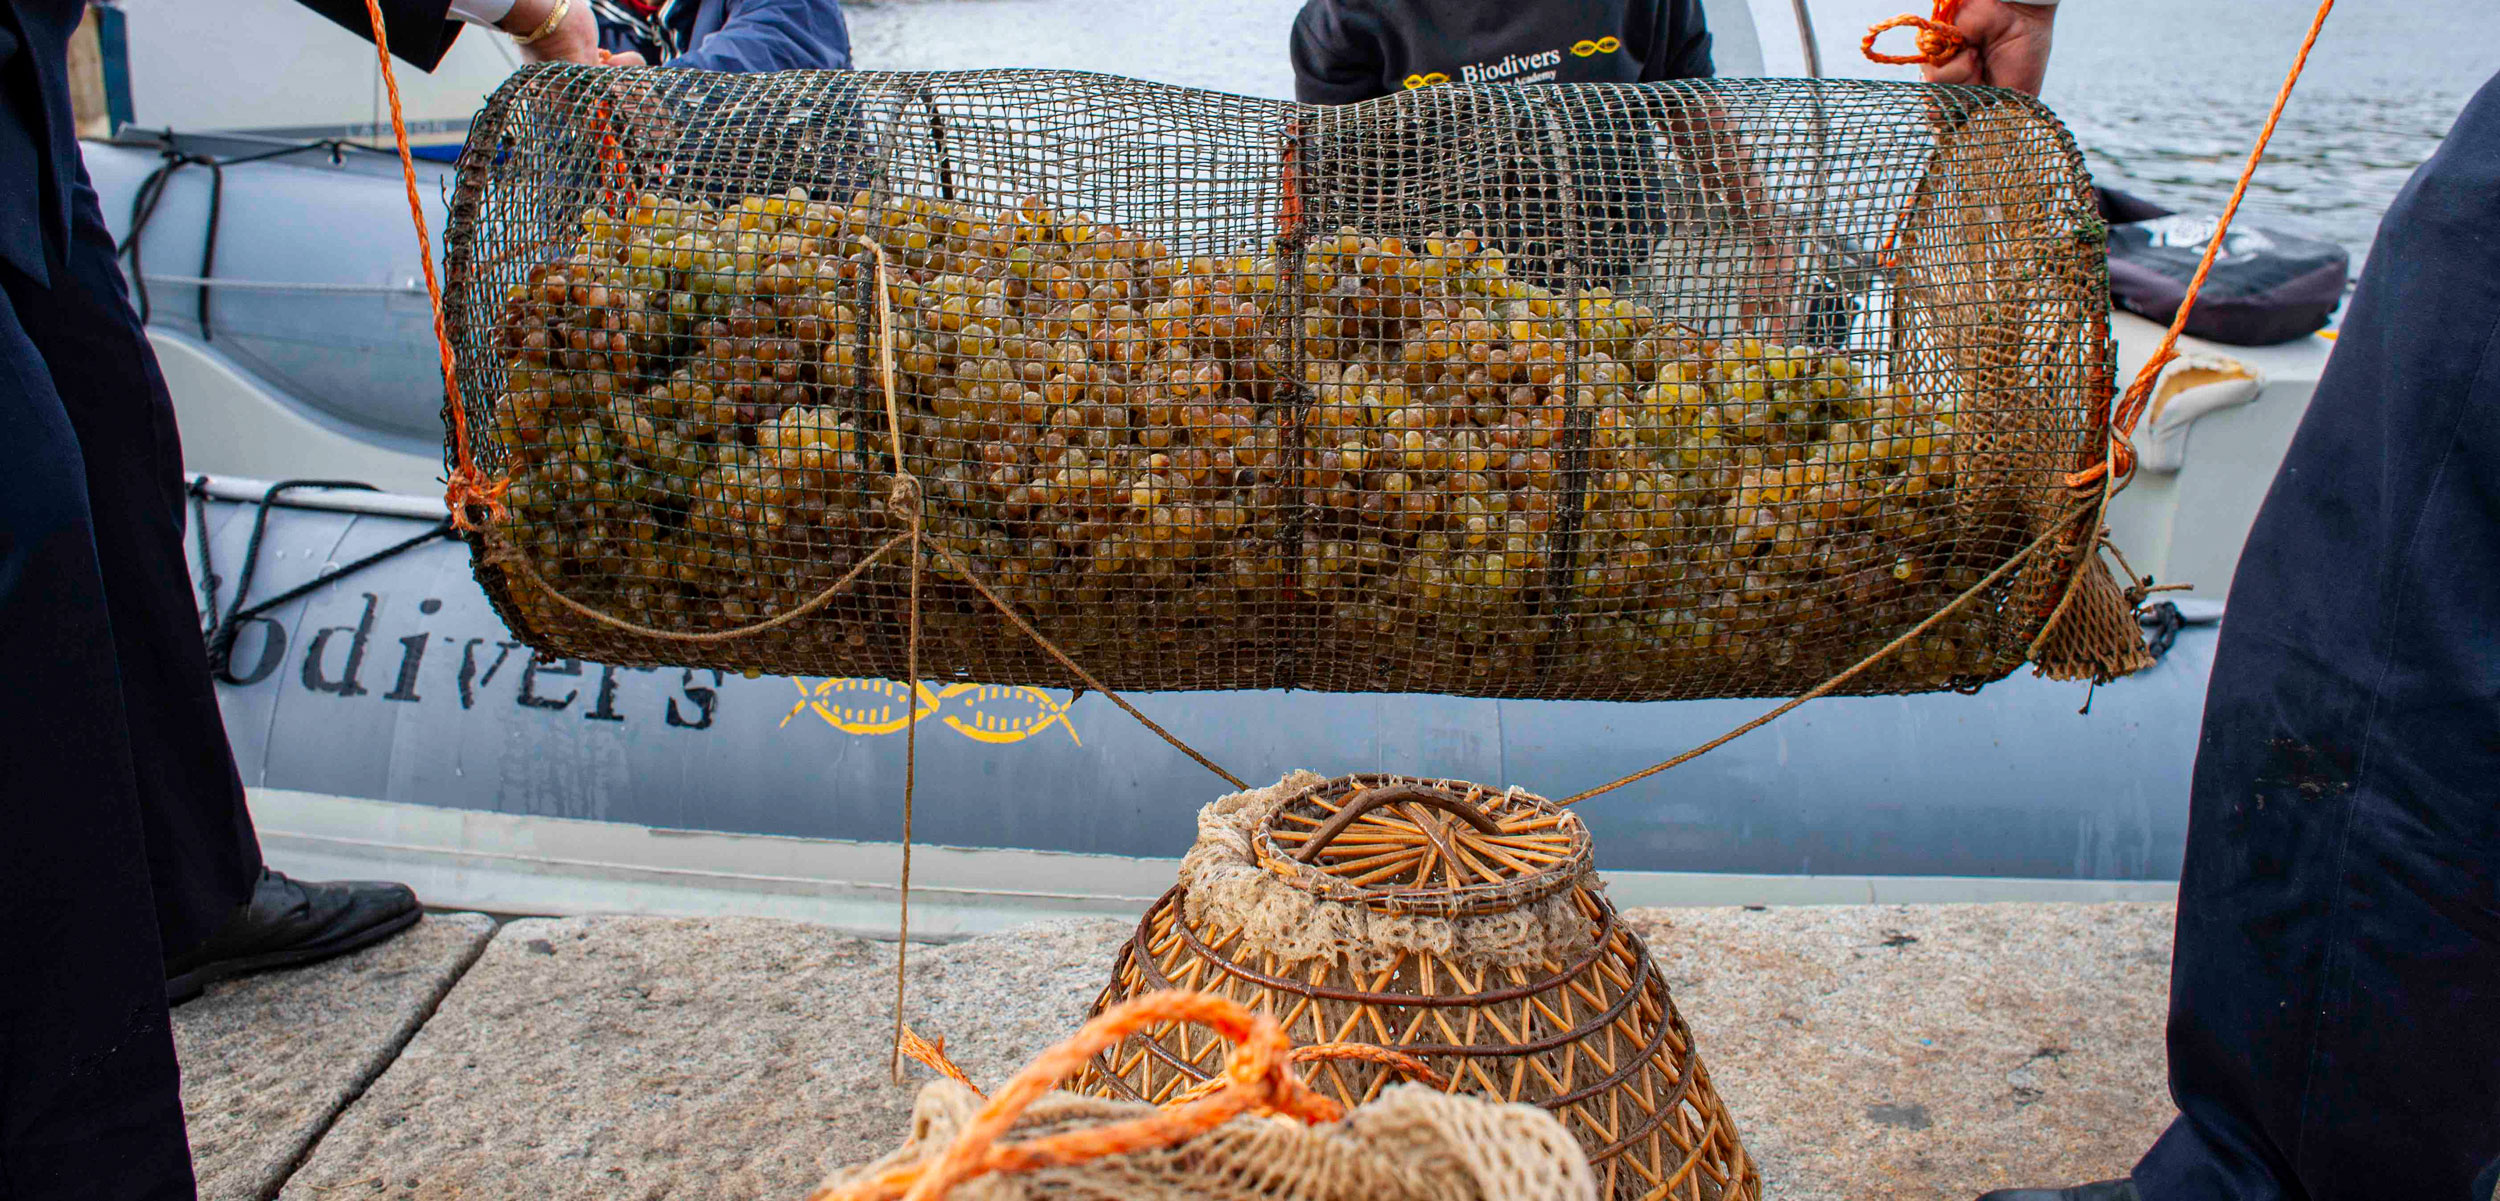 basket of grapes at dock